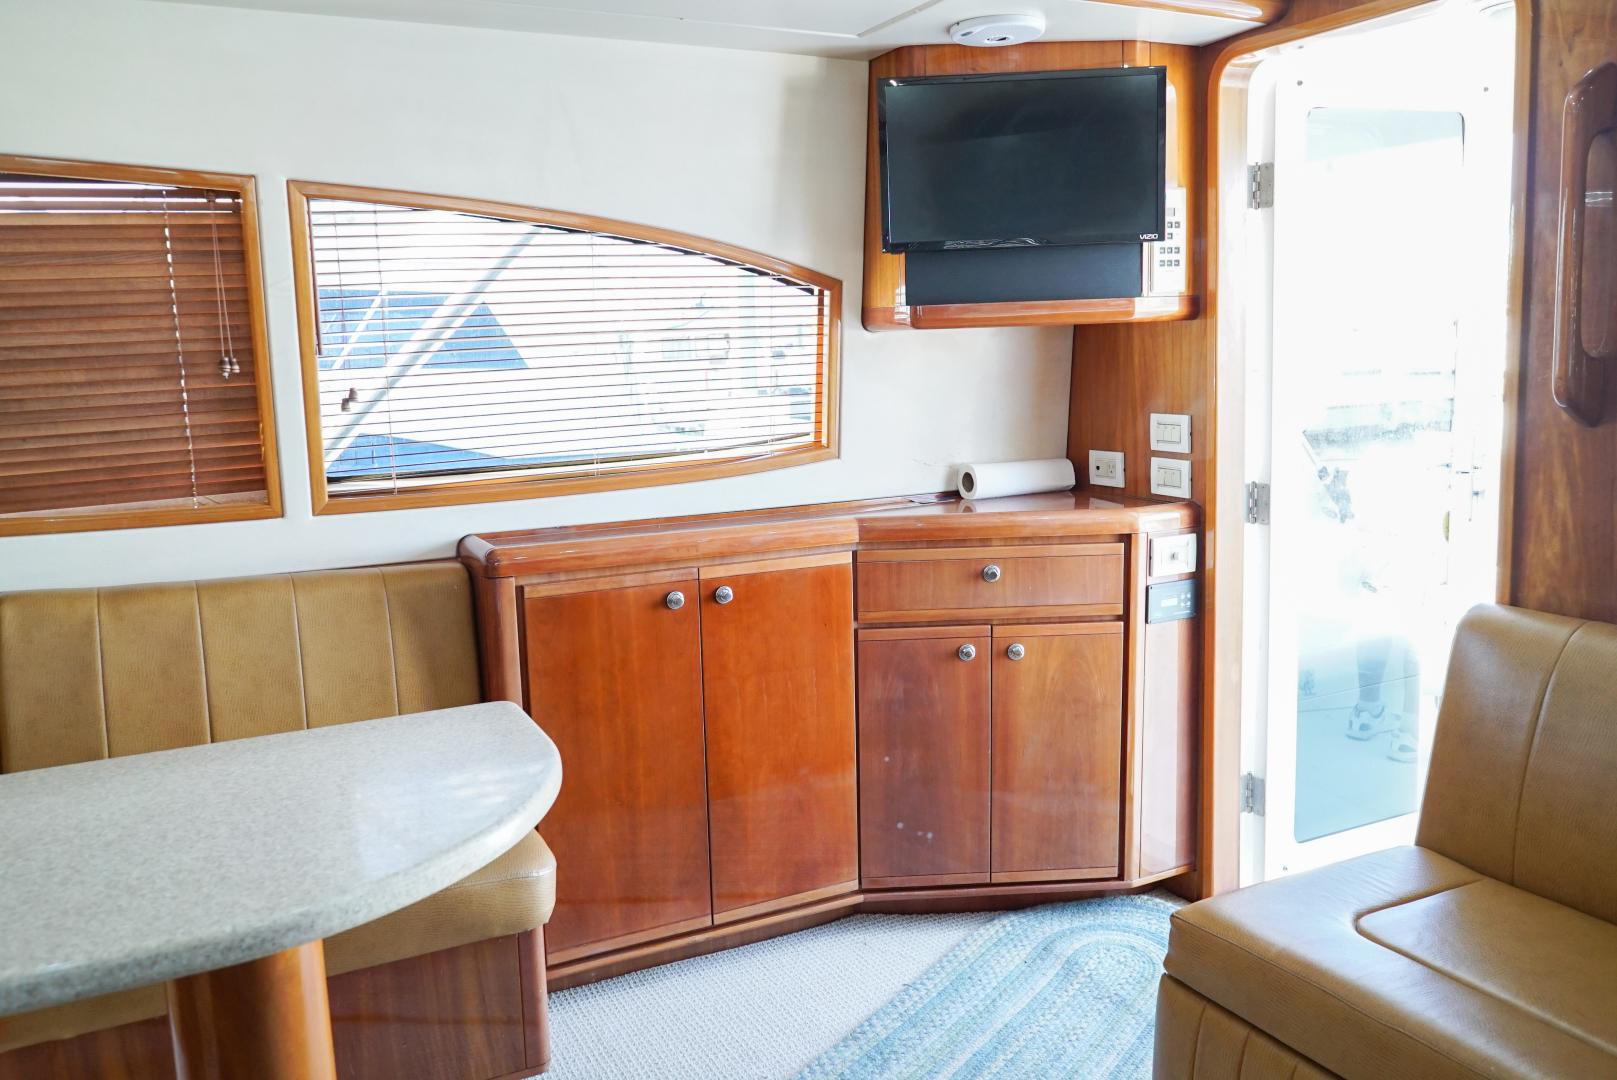 Bertram-39 Convertible 2002-Witts End Hitchcock-Texas-United States-Bertram 39 Convertible 2002 Witts End-1561667 | Thumbnail